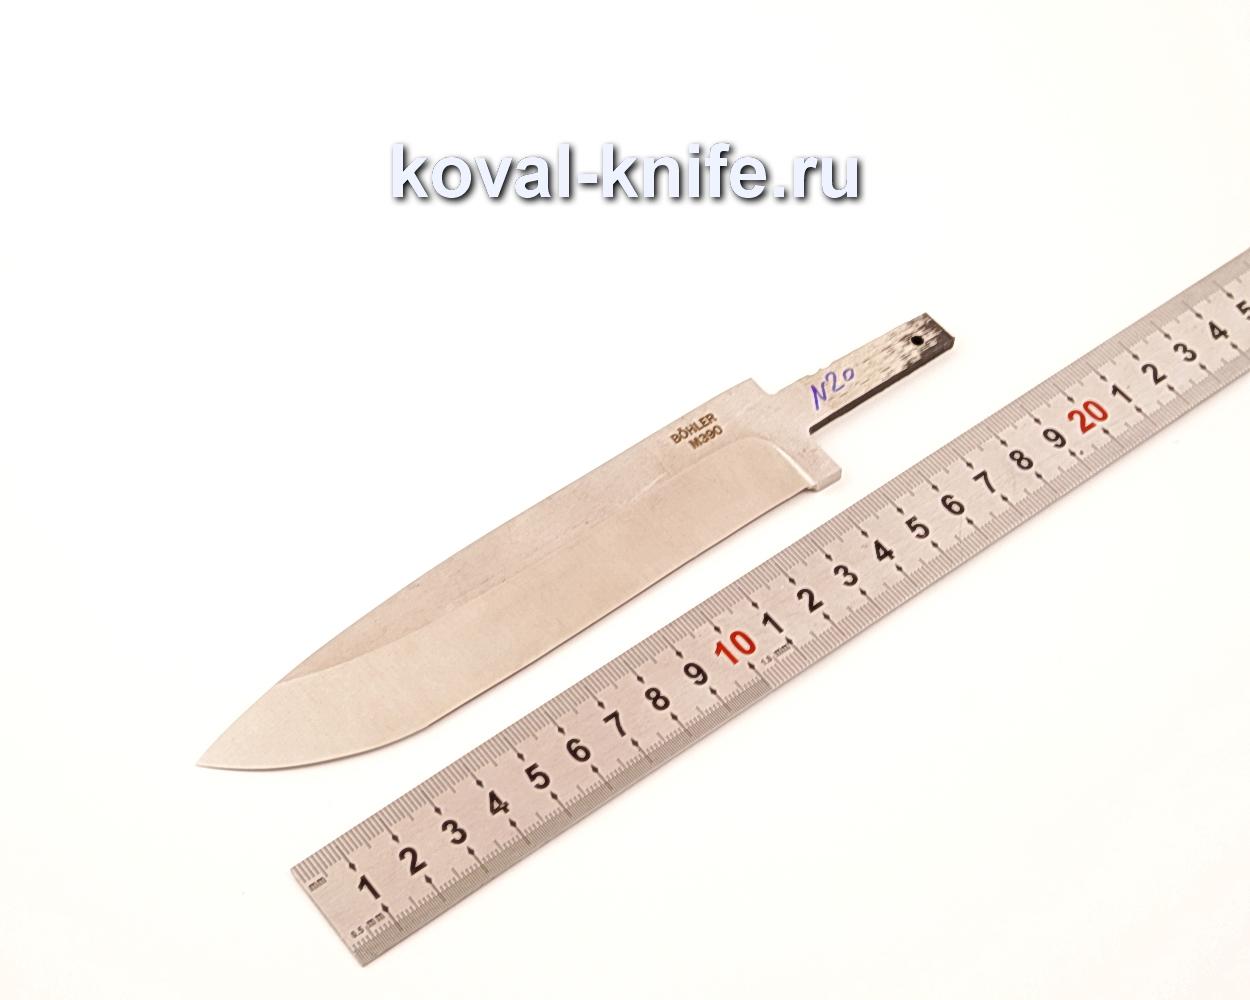 Клинок для ножа из порошковой стали Bohler M390 N20